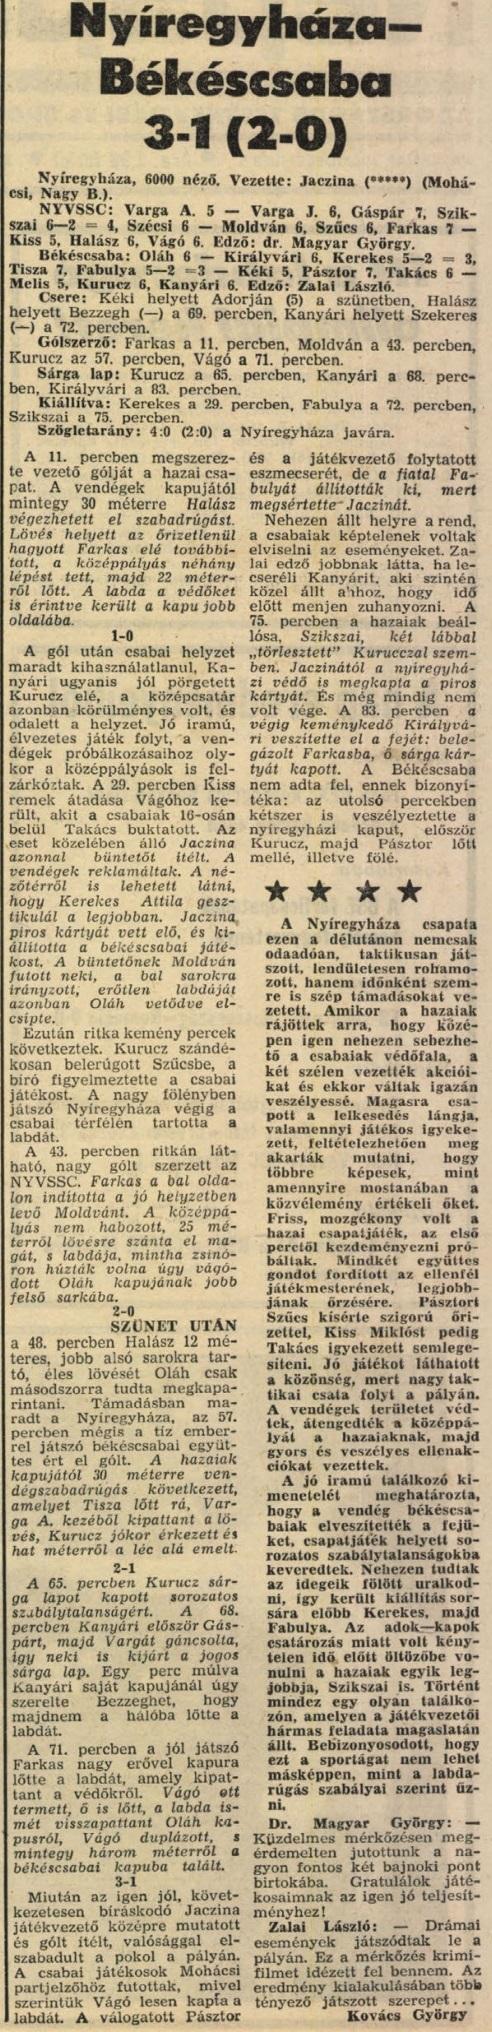 idokapszula_nb_i_1982_83_15_fordulo_nyiregyhaza_bekescsaba.jpg